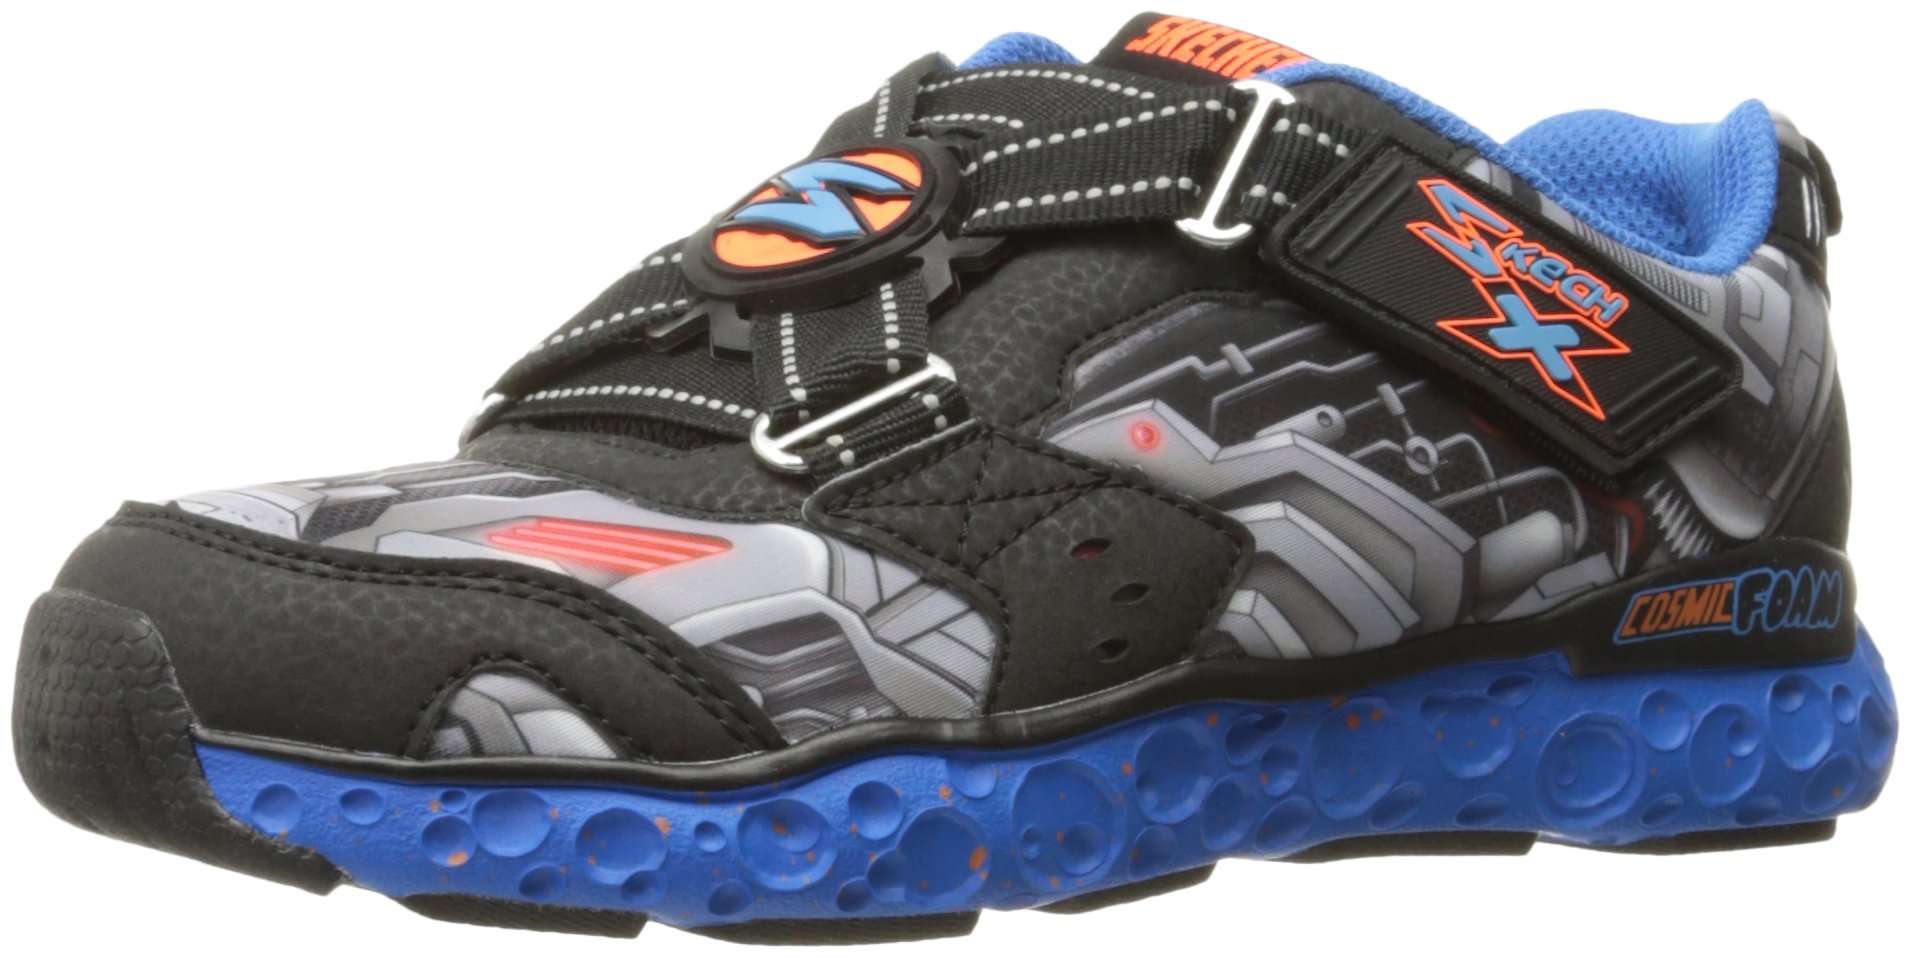 Skechers Kids Boys' Cosmic Foam-Portal-X Sneaker,Black/Blue/Orange,12 M US Little Kid